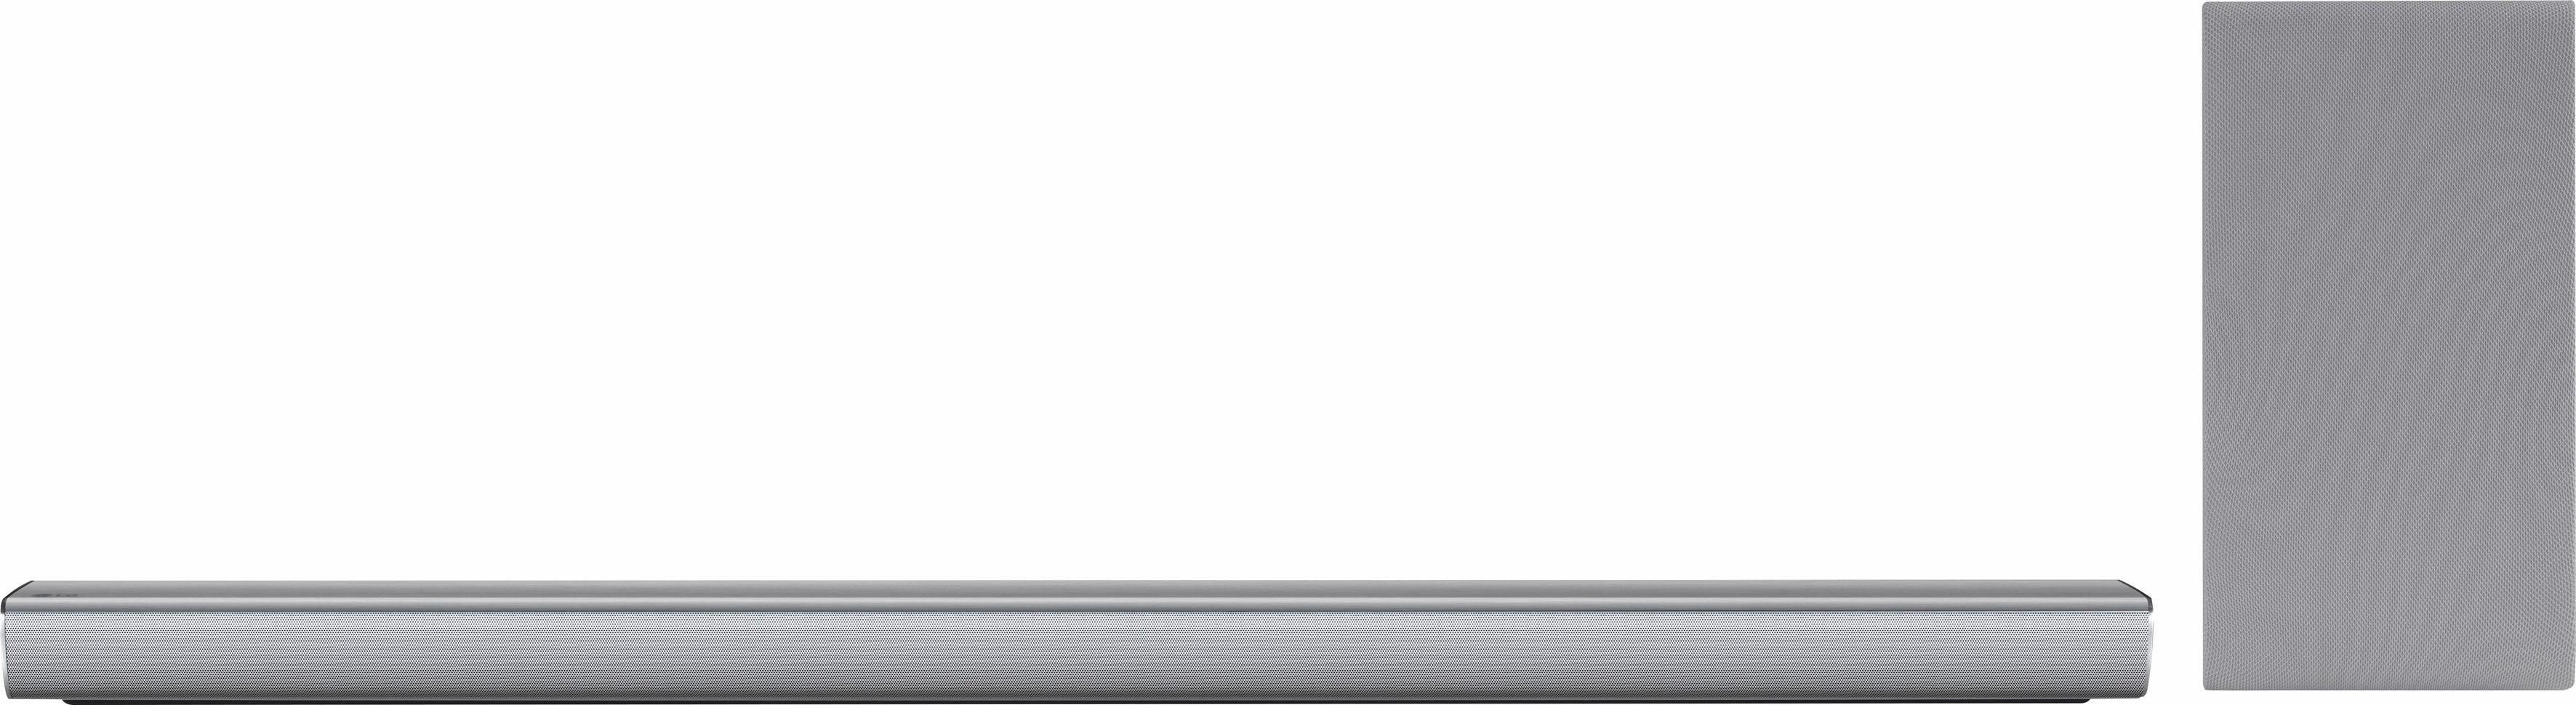 LG SJ5 soundbar met Bluetooth online kopen op otto.nl